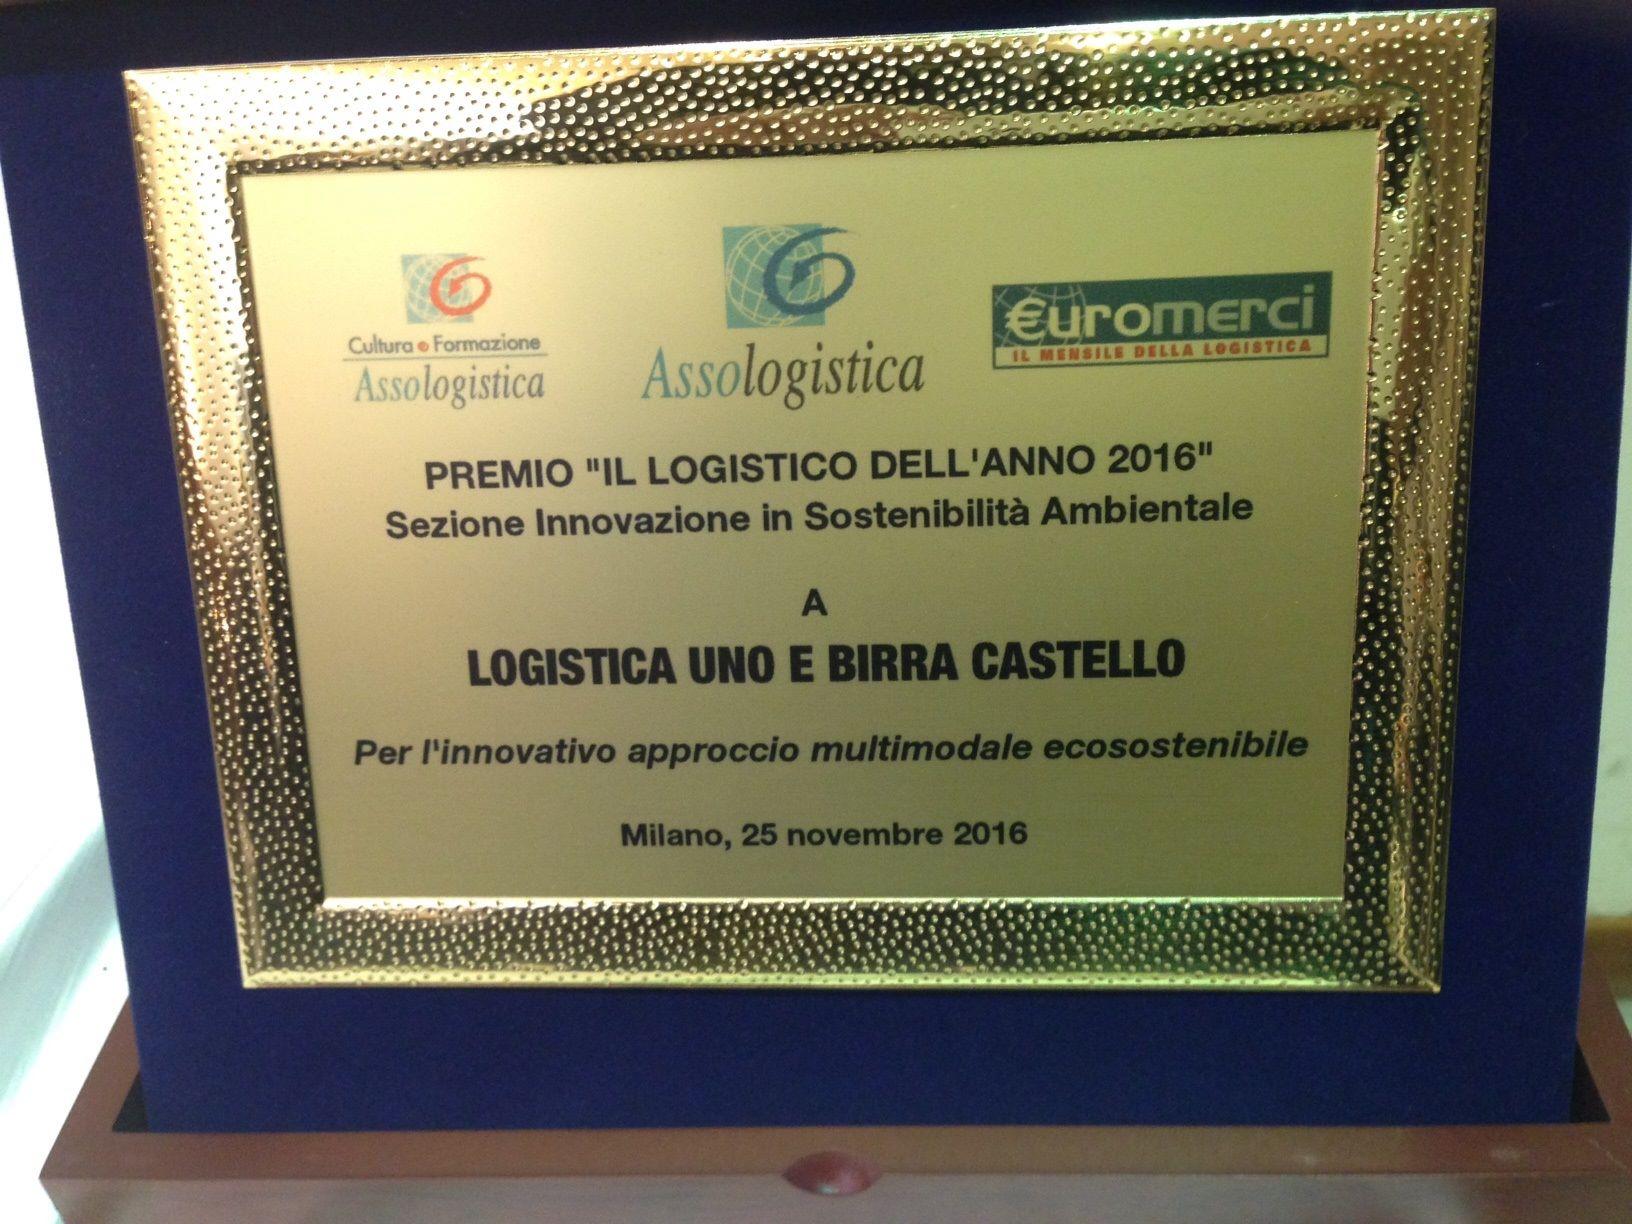 premio il logistico dell'anno 2016